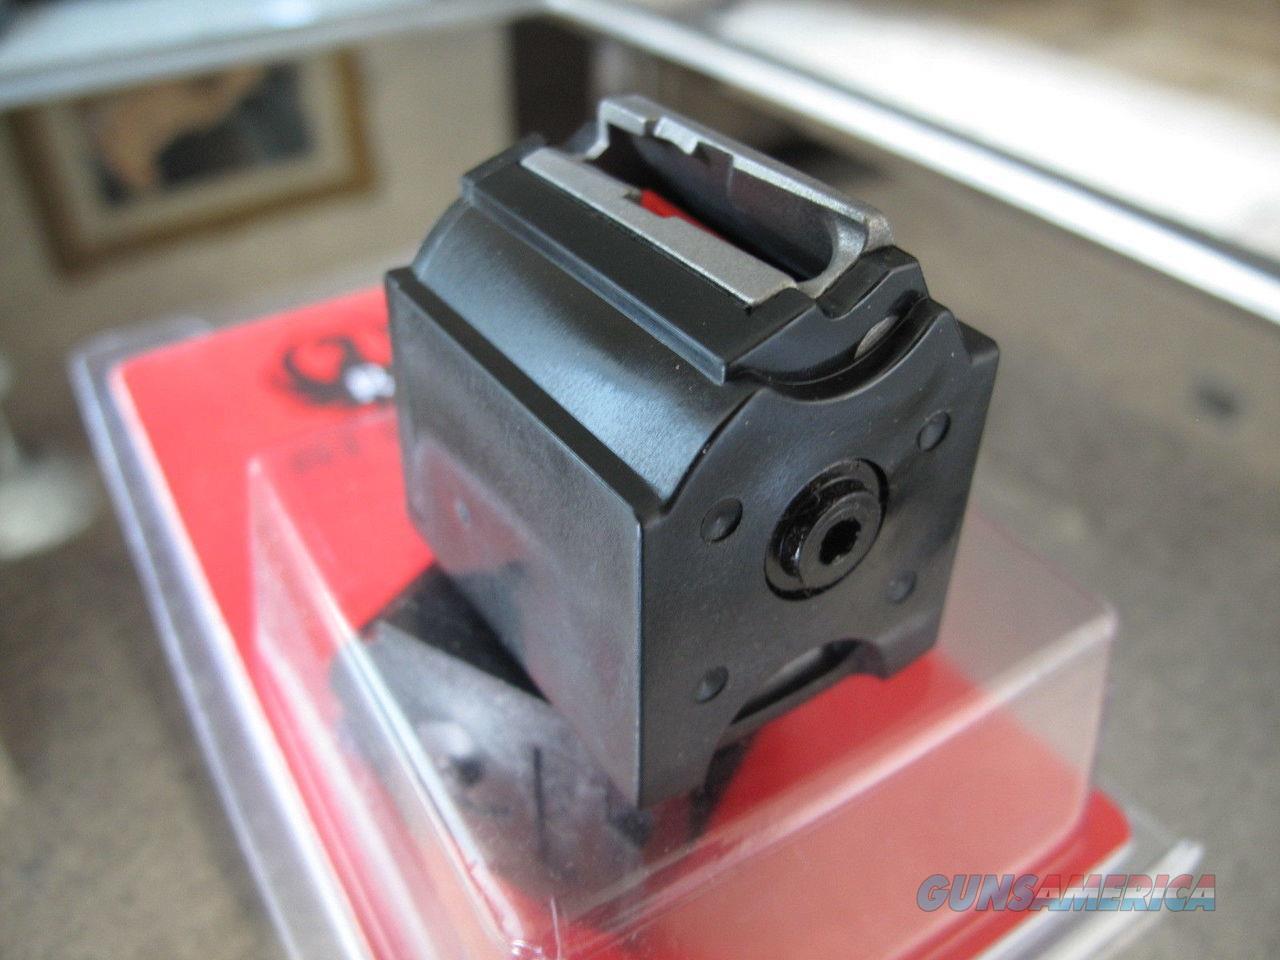 2-Pack Ruger 10/22 10 22 Magnum Mag 9-round Magazine Magazines 22 WMR 17 HMR !!  Non-Guns > Ammunition